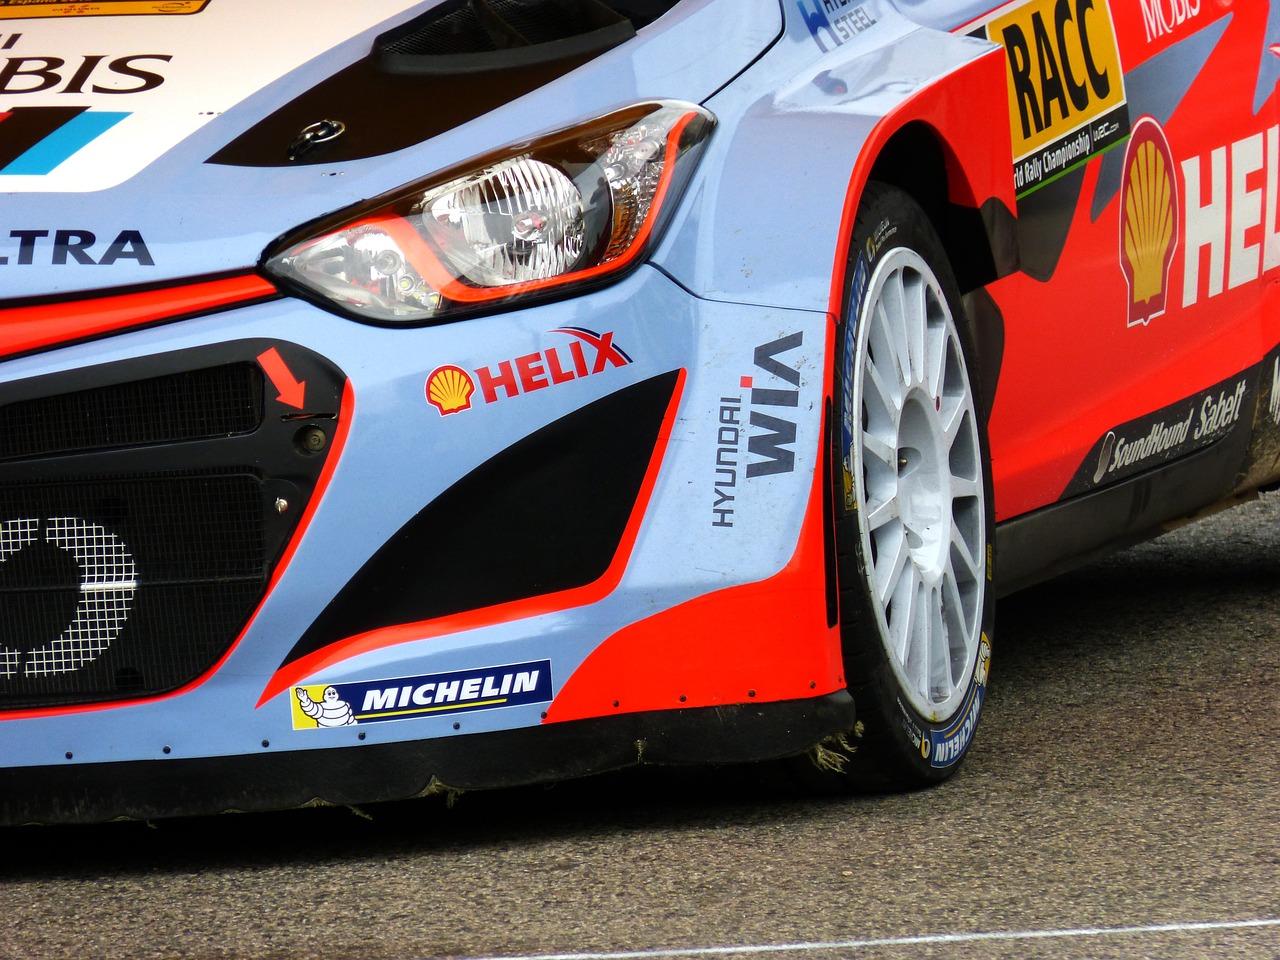 2019年、WRC(世界ラリー選手権)第1戦モンテカルロの戦いも終了しました。